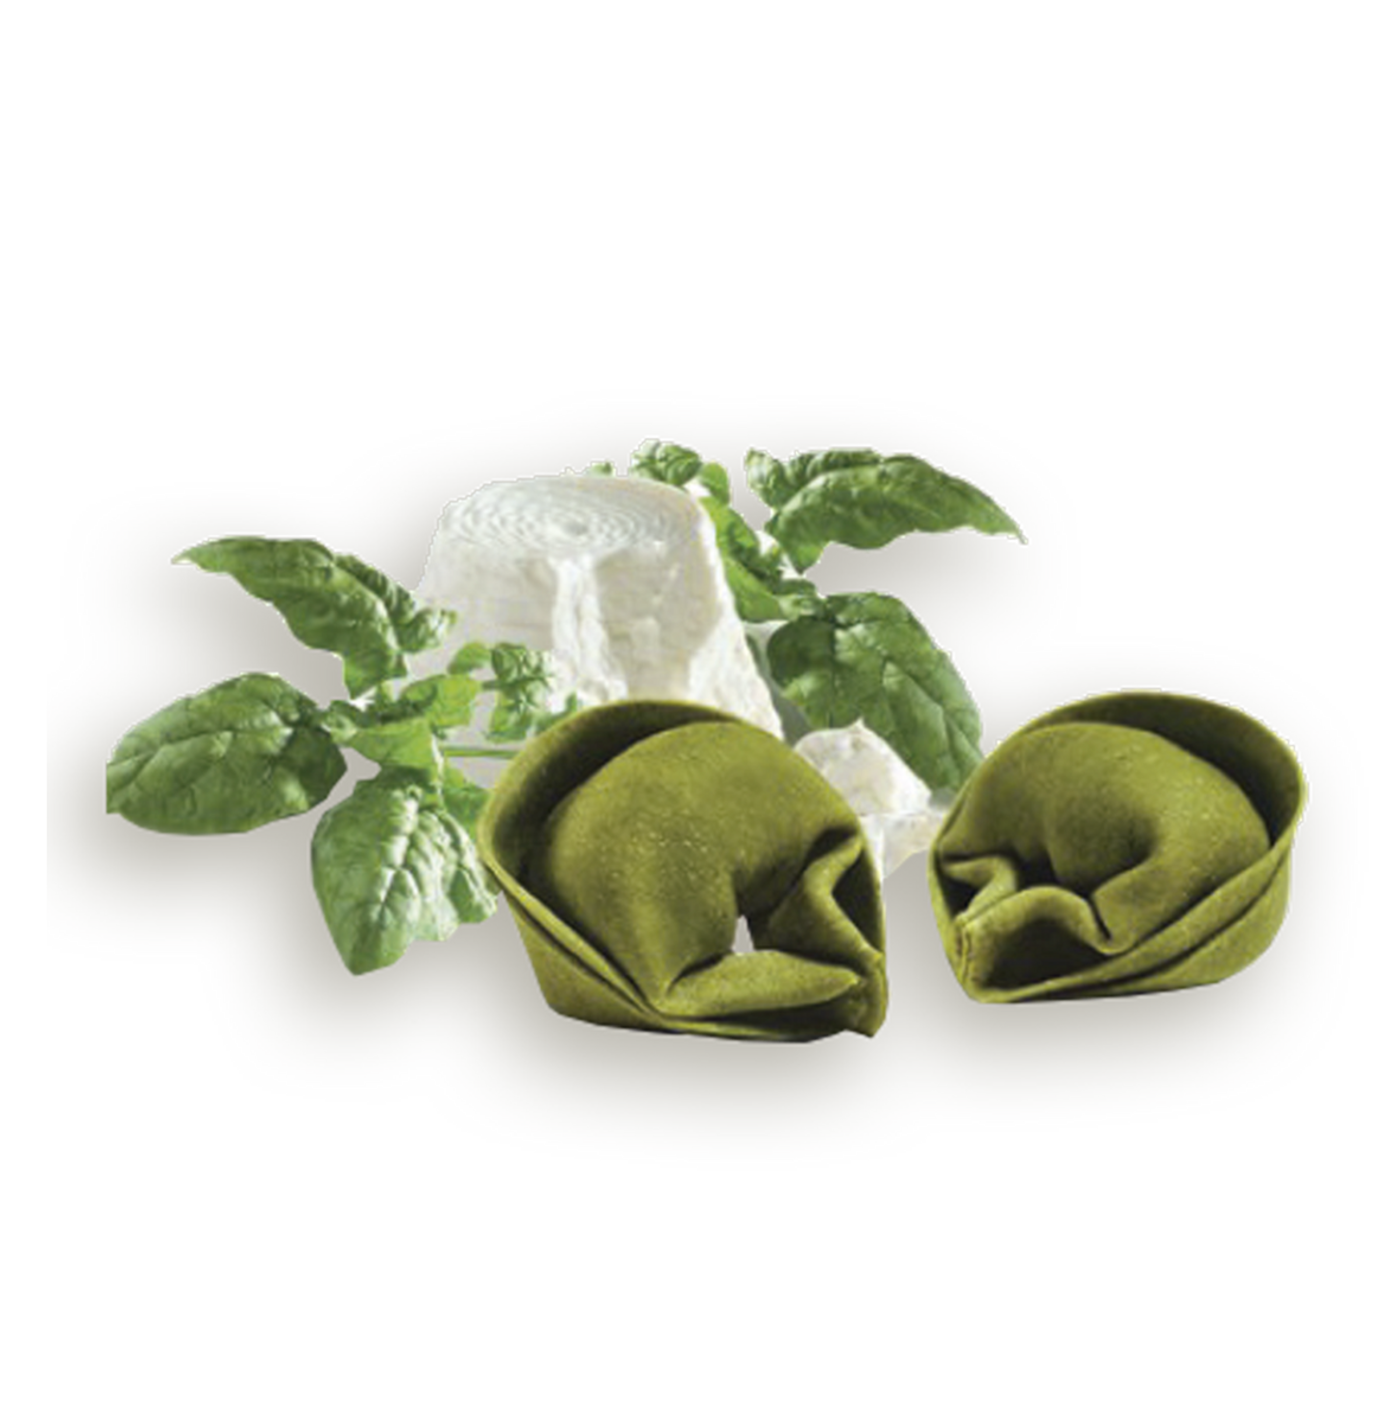 Grantortellone Verde De Ricotta Y Espinacas